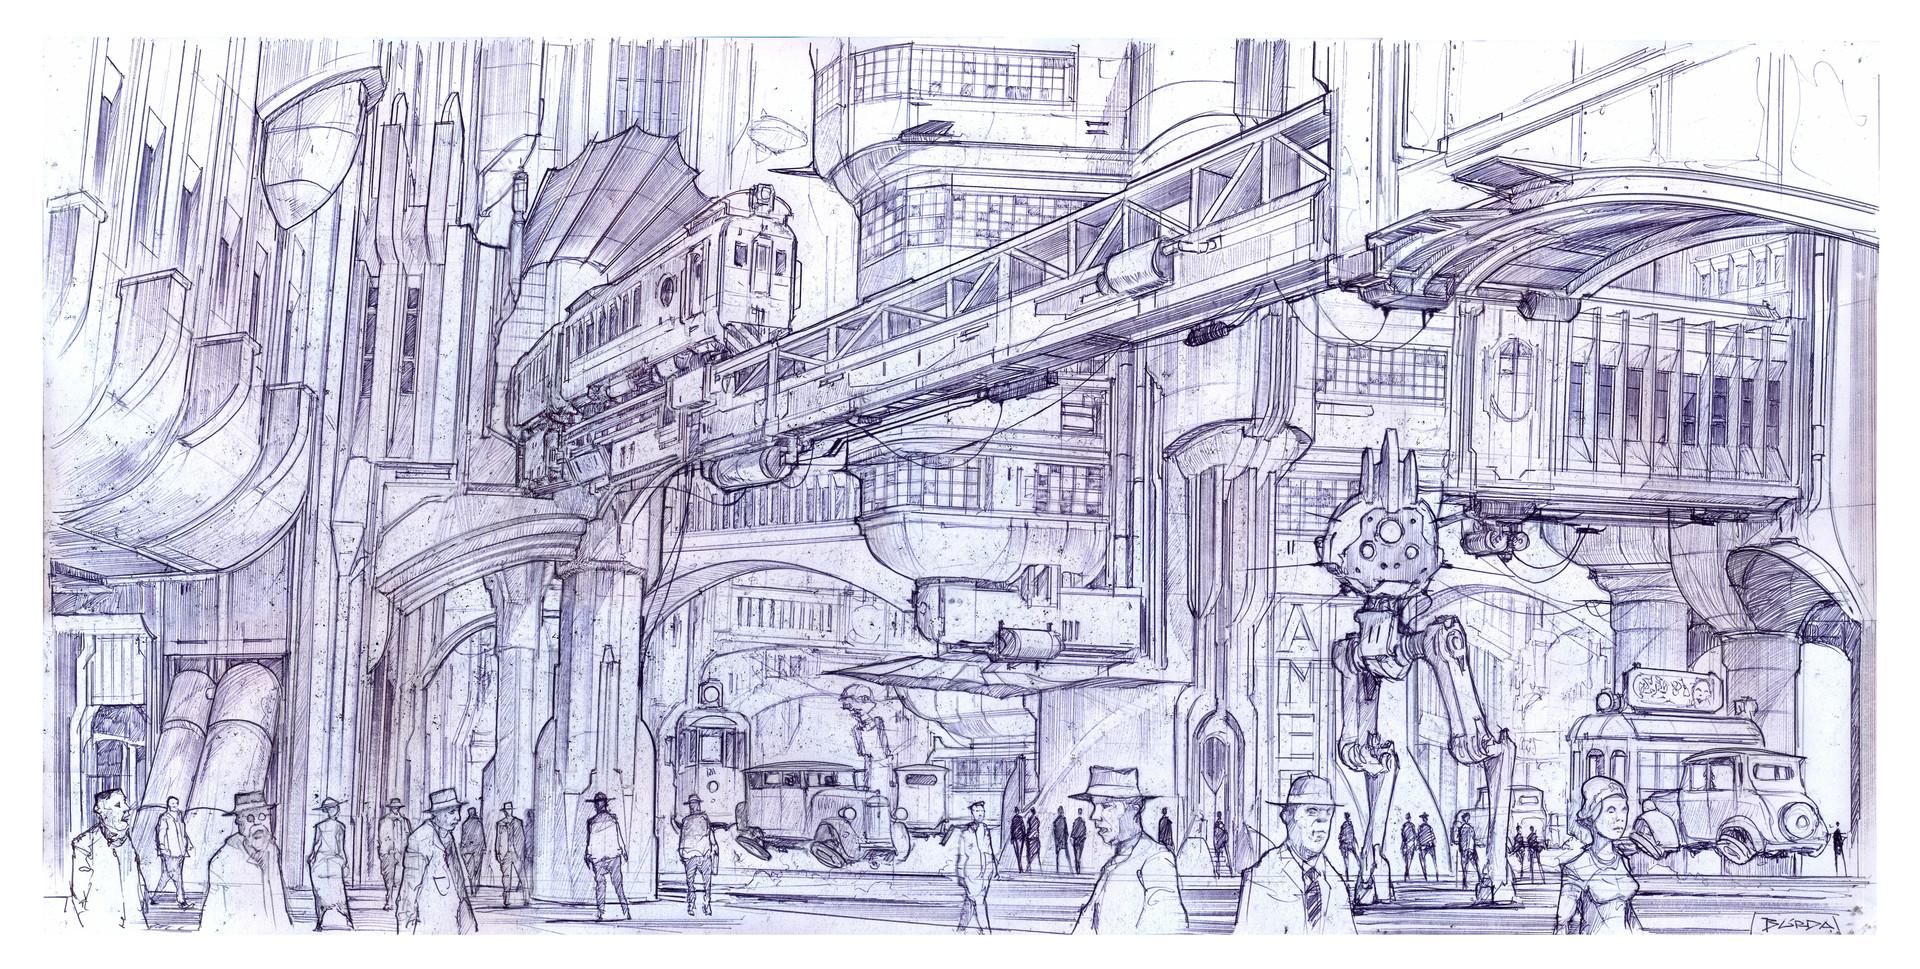 Alejandro burdisio acropolis sketch 3